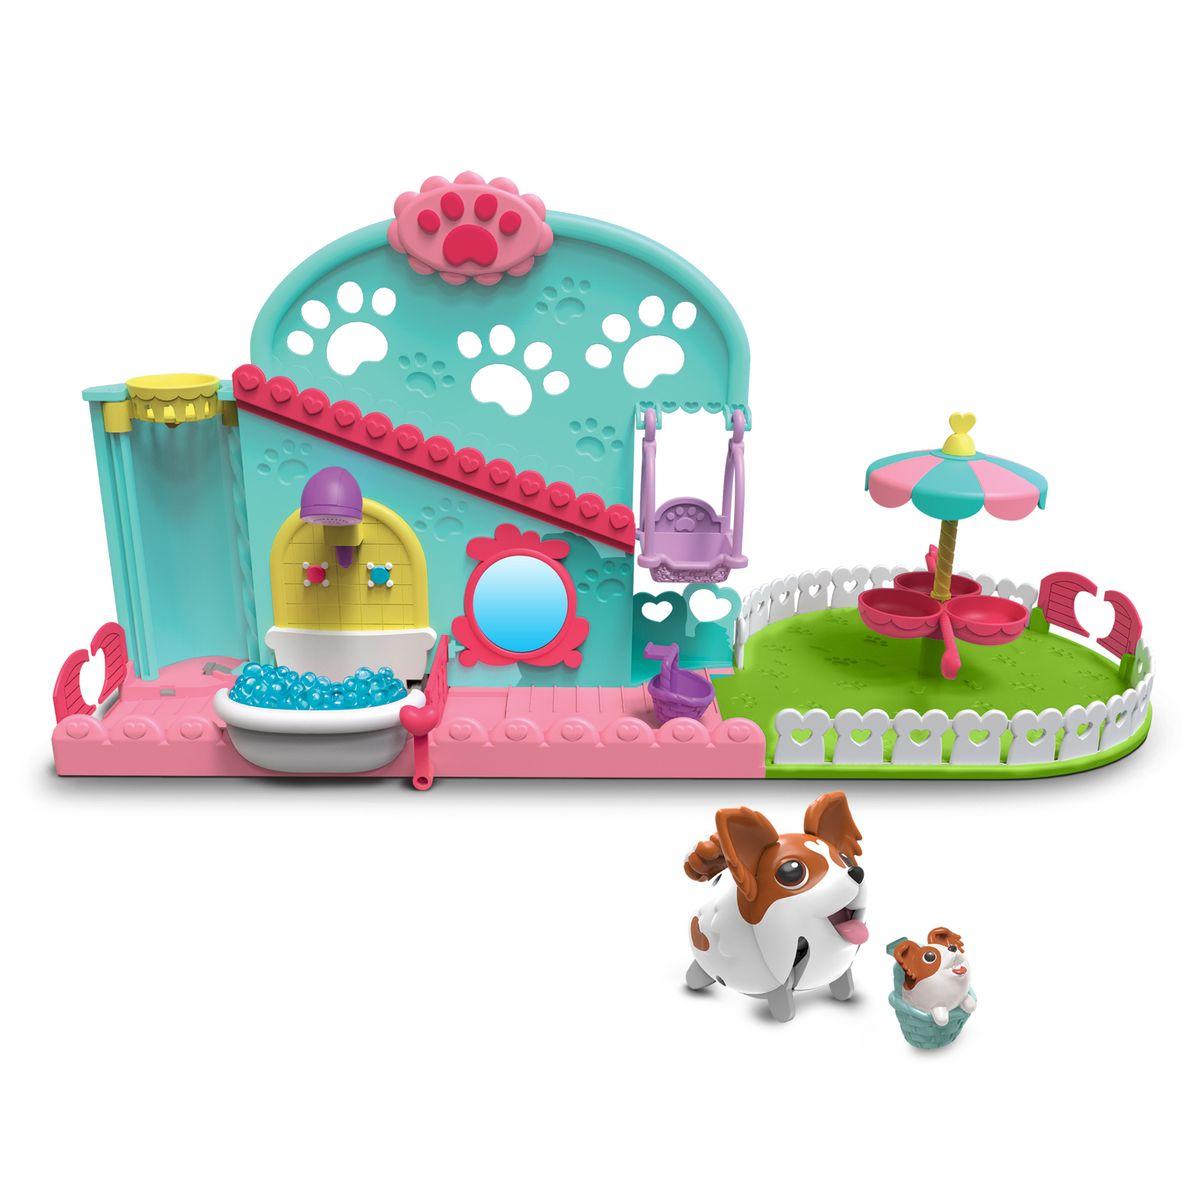 Chubby Puppies Игровой набор56714В наборе домик Chubby Puppies, в домике ванна с пузырями, горка для веселых игр и карусель. Собака ходит и крутит своего щенка на карусели.